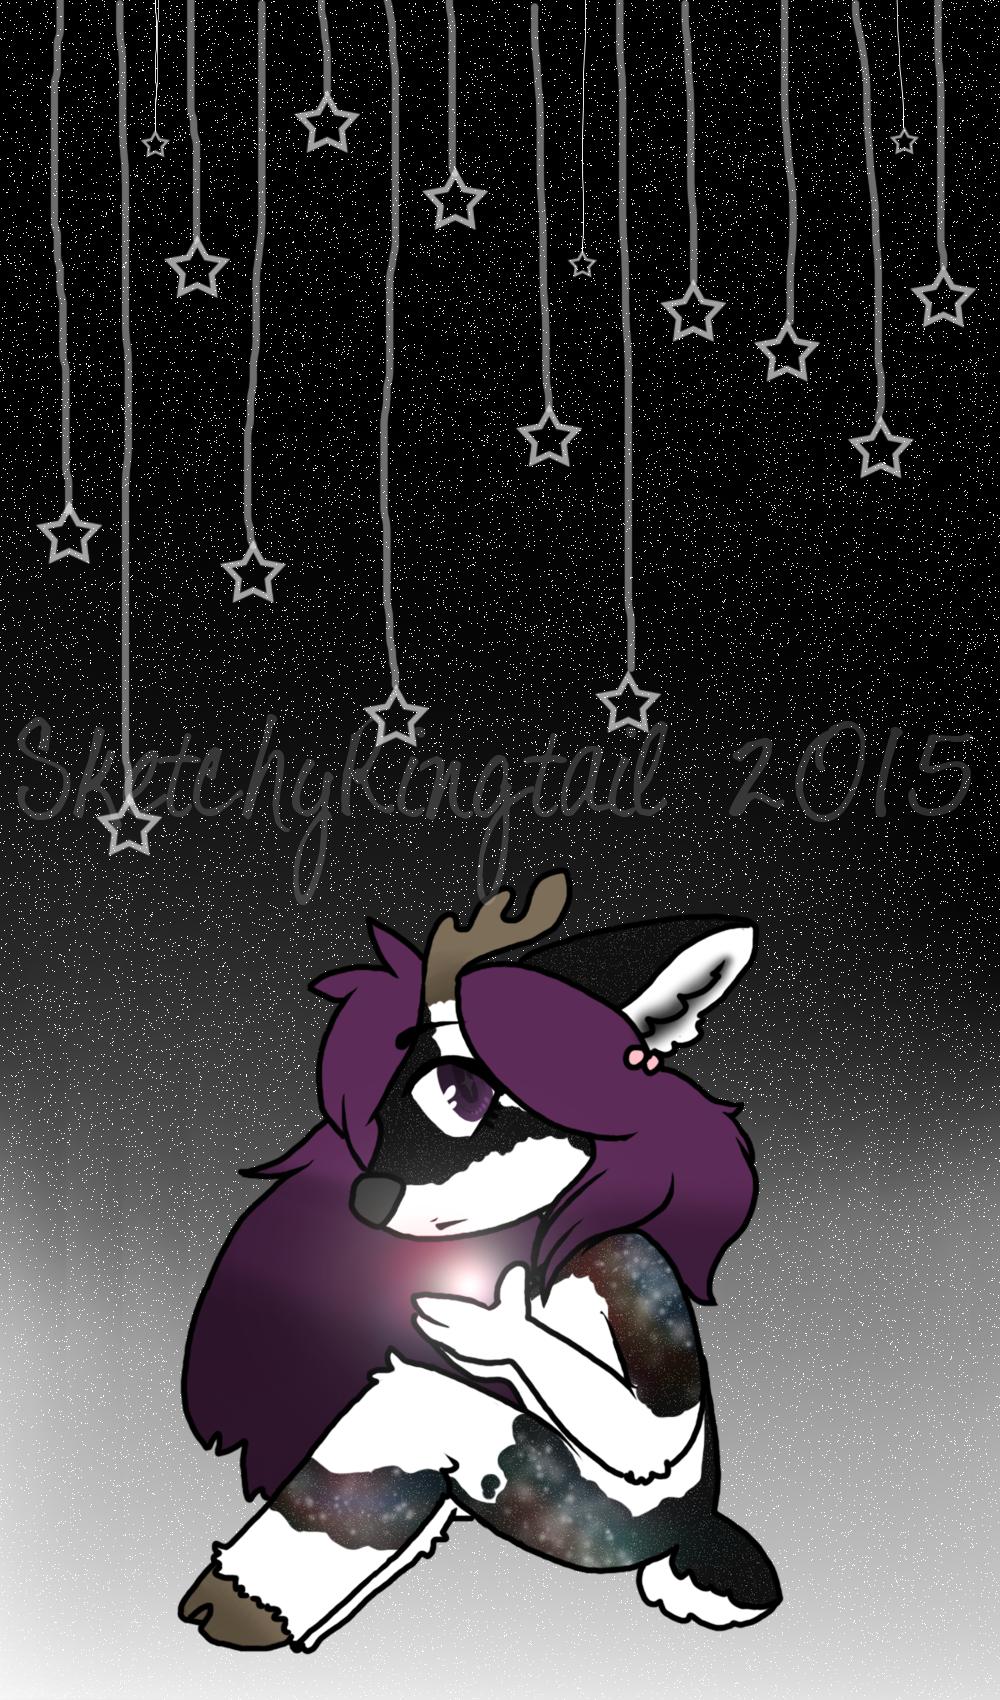 Catch a falling star.